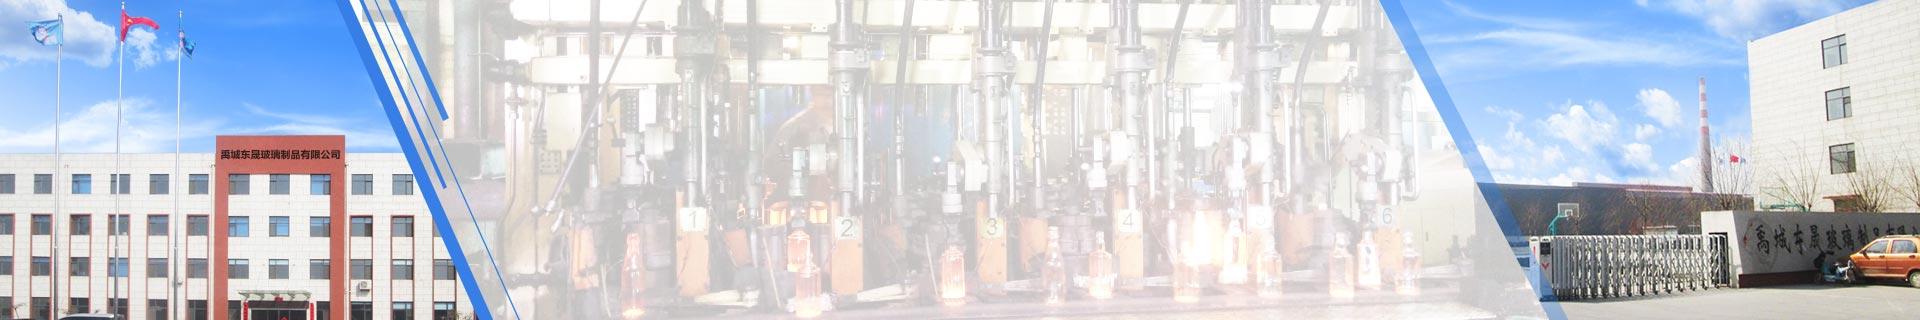 禹城东晟玻璃制品有限公司